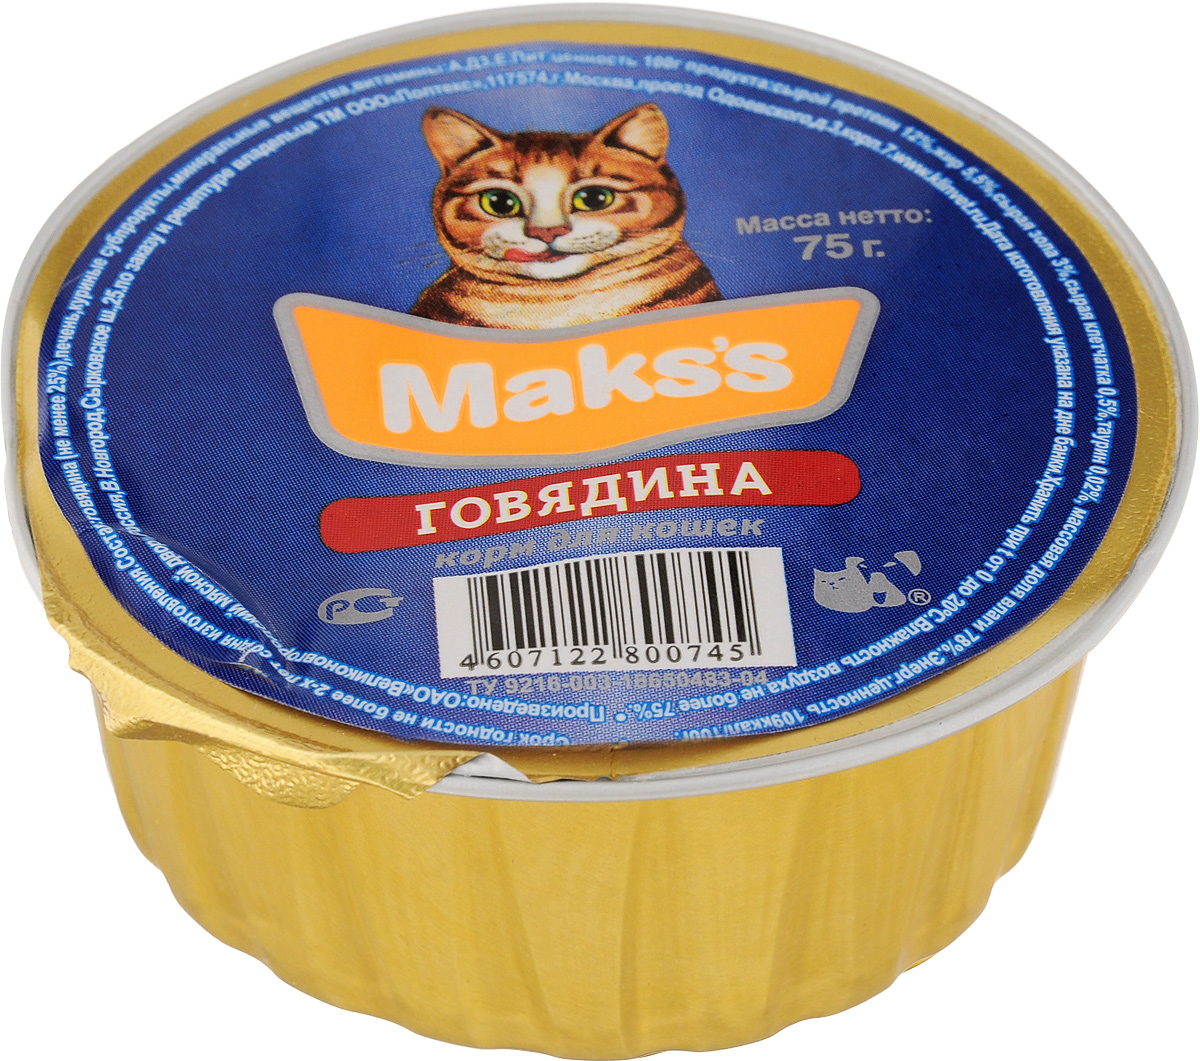 Консервы для кошек Makss, говядина, 75 г0745Консервированный корм Makss - это сбалансированное и полнорационное питание, которое обеспечит вашего питомца необходимыми белками, жирами,витаминами и микроэлементами.Корм разработан на основе мяса говядины. Говядина содержит полноценные белки, необходимые для нормального роста и развития. Удобная одноразовая упаковка сохраняет корм свежим и позволяет контролировать порцию потребления.Состав: говядина (не менее 25%), печень, куриные субпродукты, минеральные вещества, витамины А, D3, Е.Питательная ценность 100 г продукта: сырой протеин 12%, жир 5,5%, сырая зола 3%, сырая клетчатка 0,5%, таурин 0,02%, массовая доля влаги 78%.Товар сертифицирован.